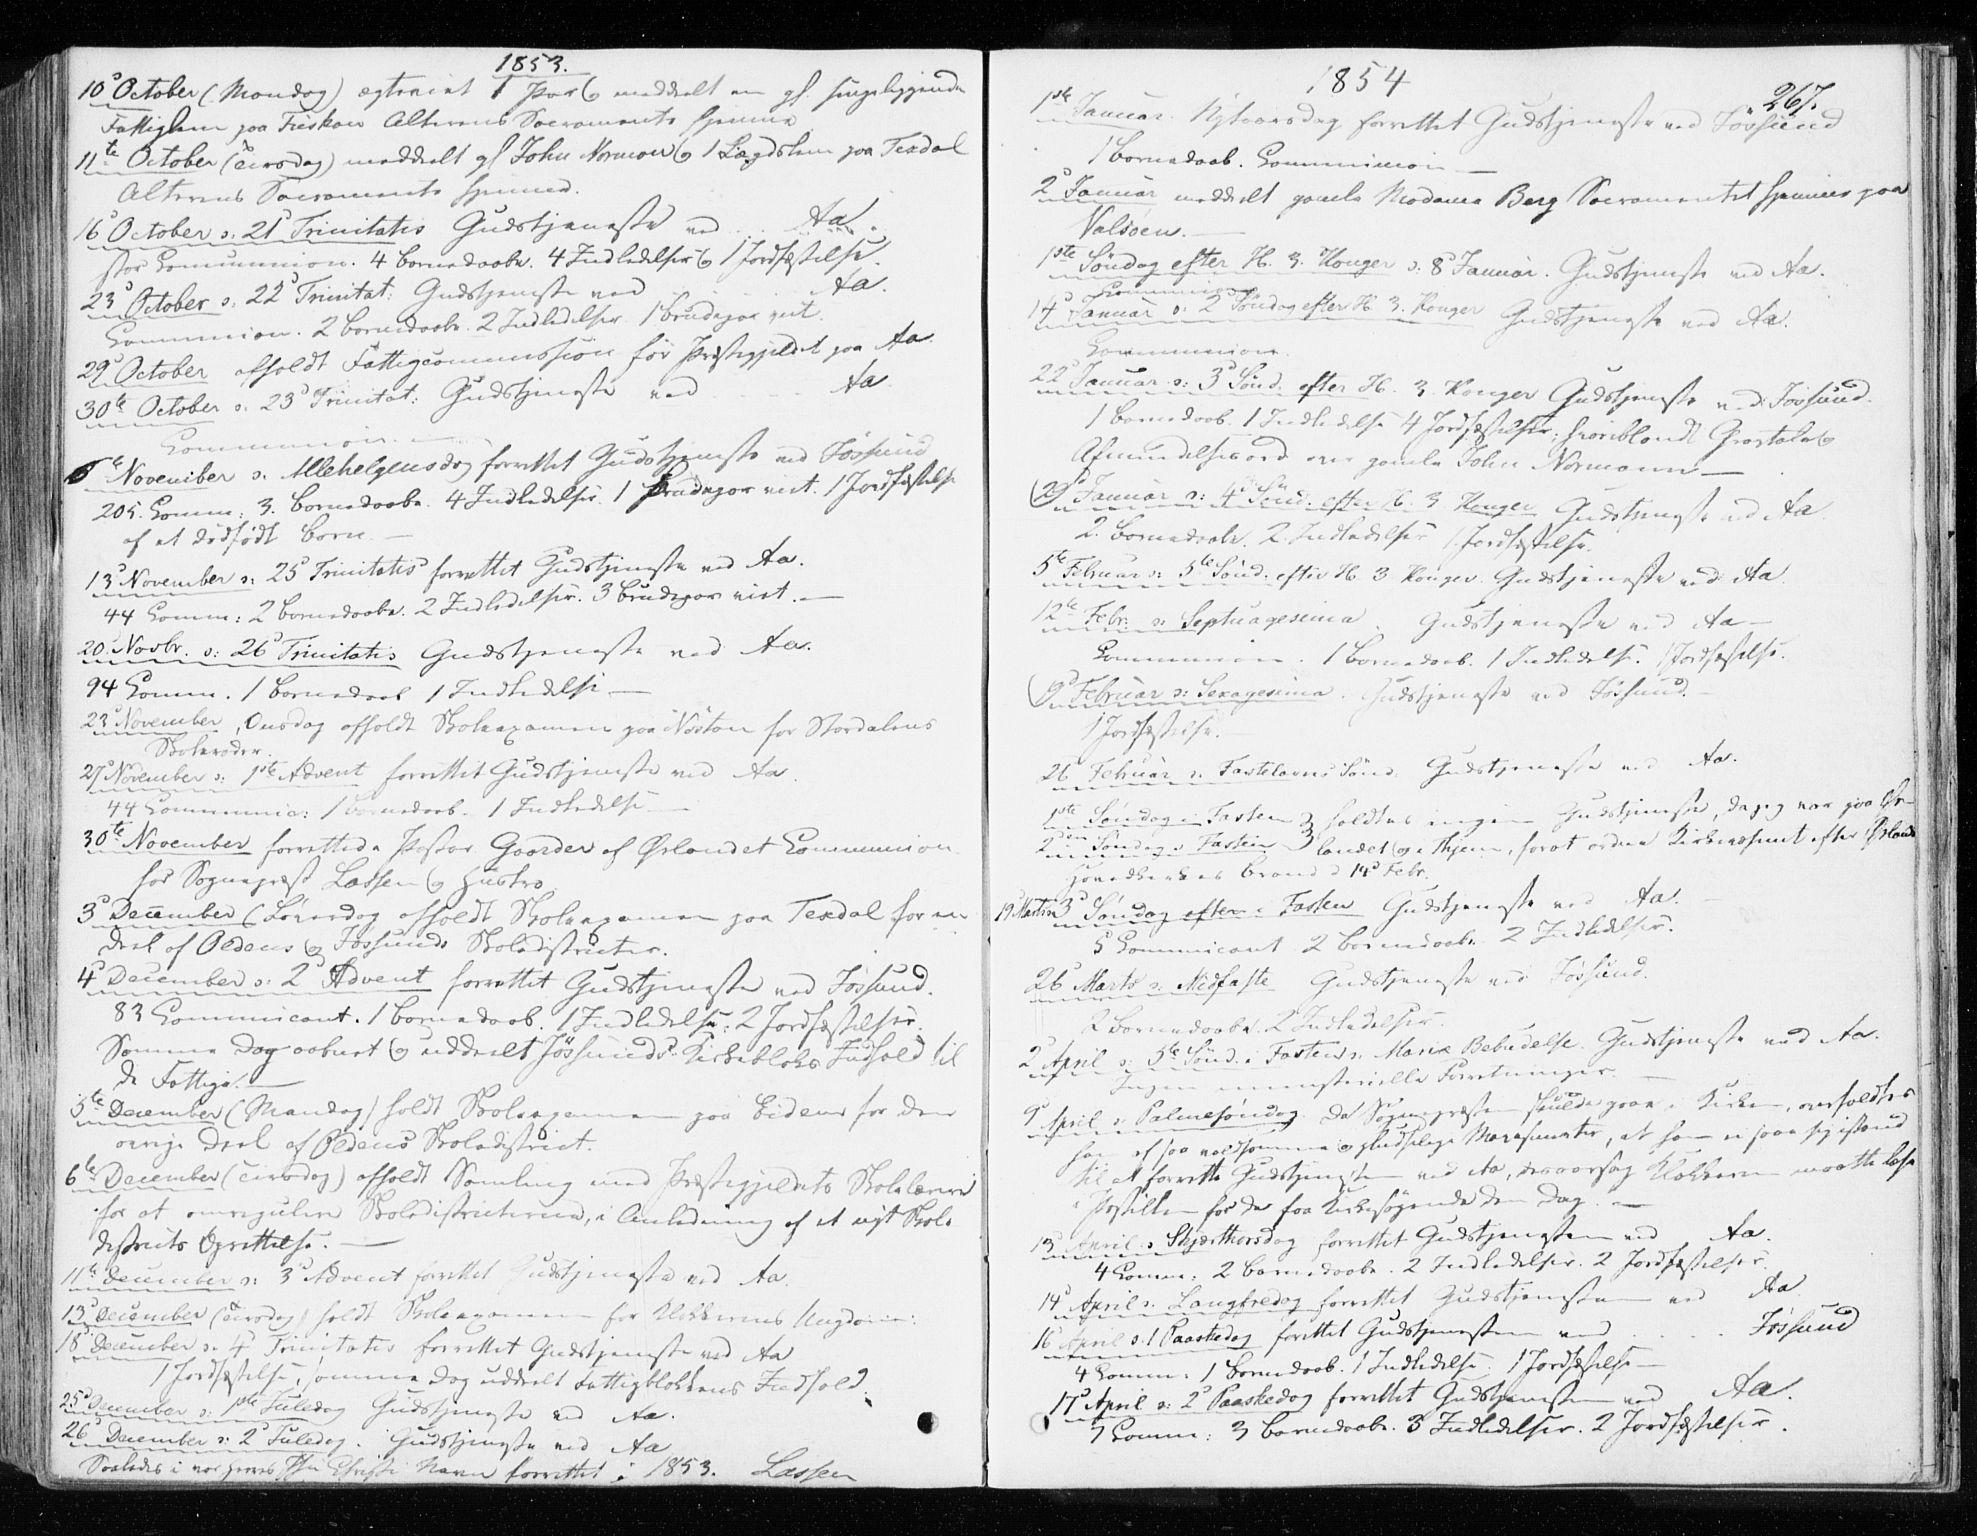 SAT, Ministerialprotokoller, klokkerbøker og fødselsregistre - Sør-Trøndelag, 655/L0677: Ministerialbok nr. 655A06, 1847-1860, s. 267